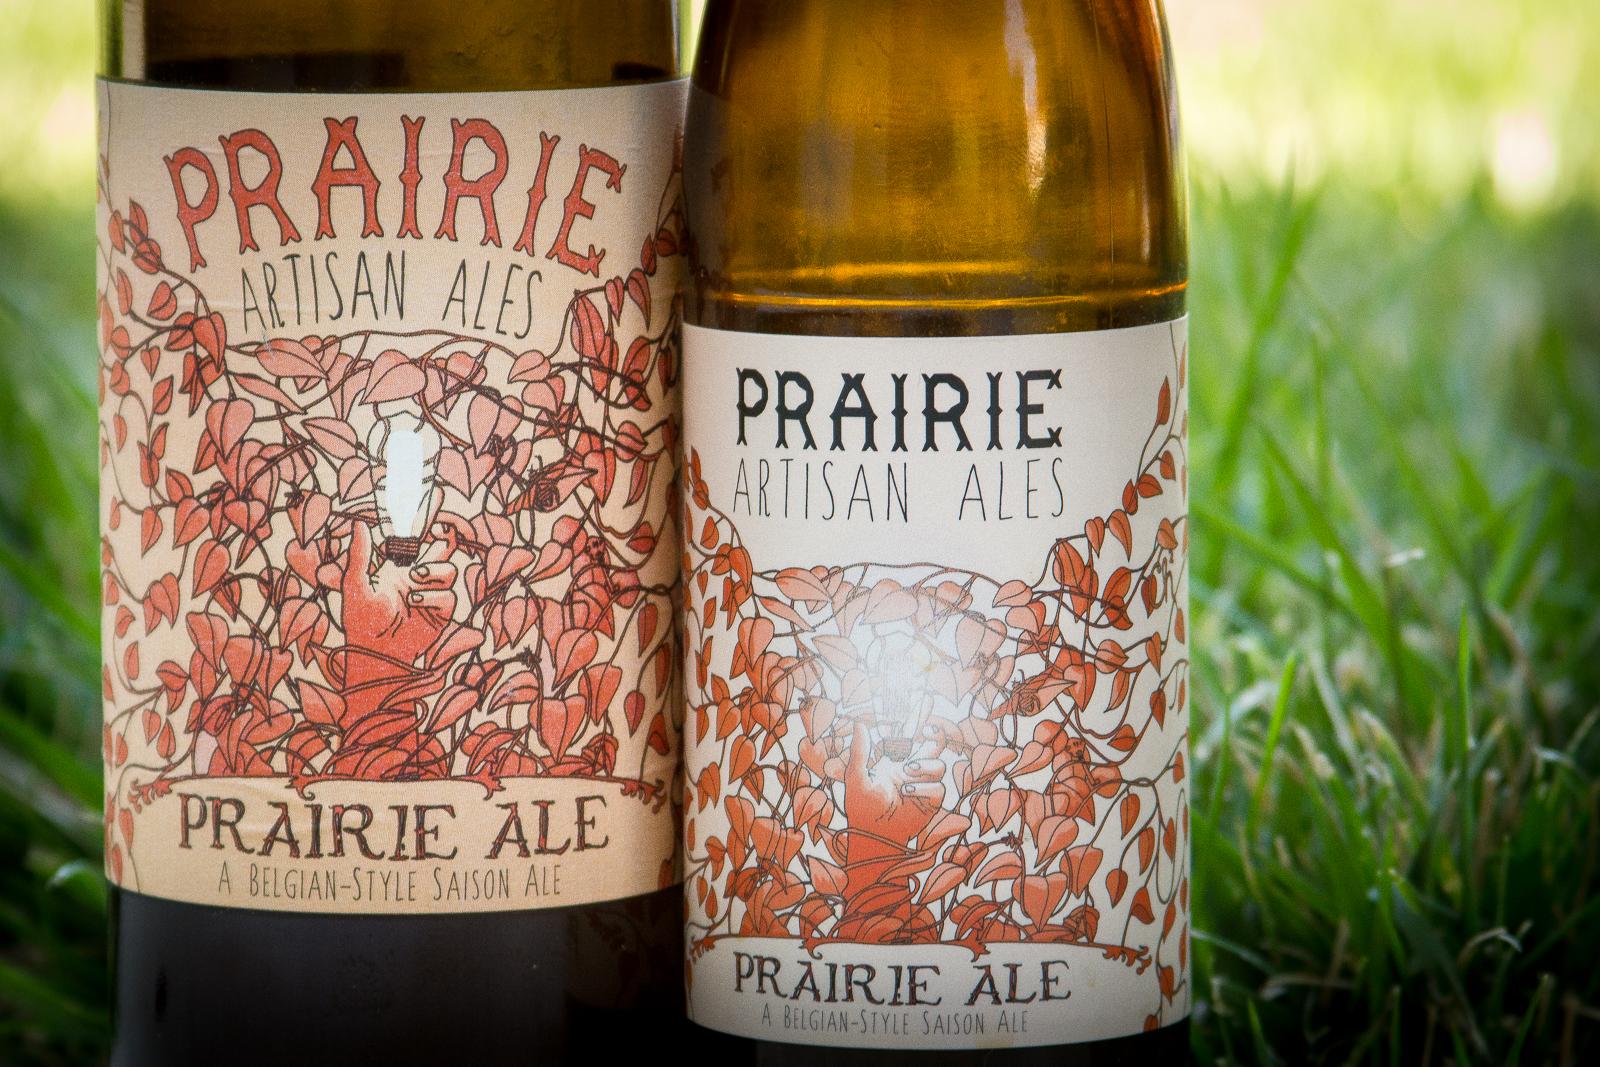 Prairie Artisan Ales - Prairie Ale